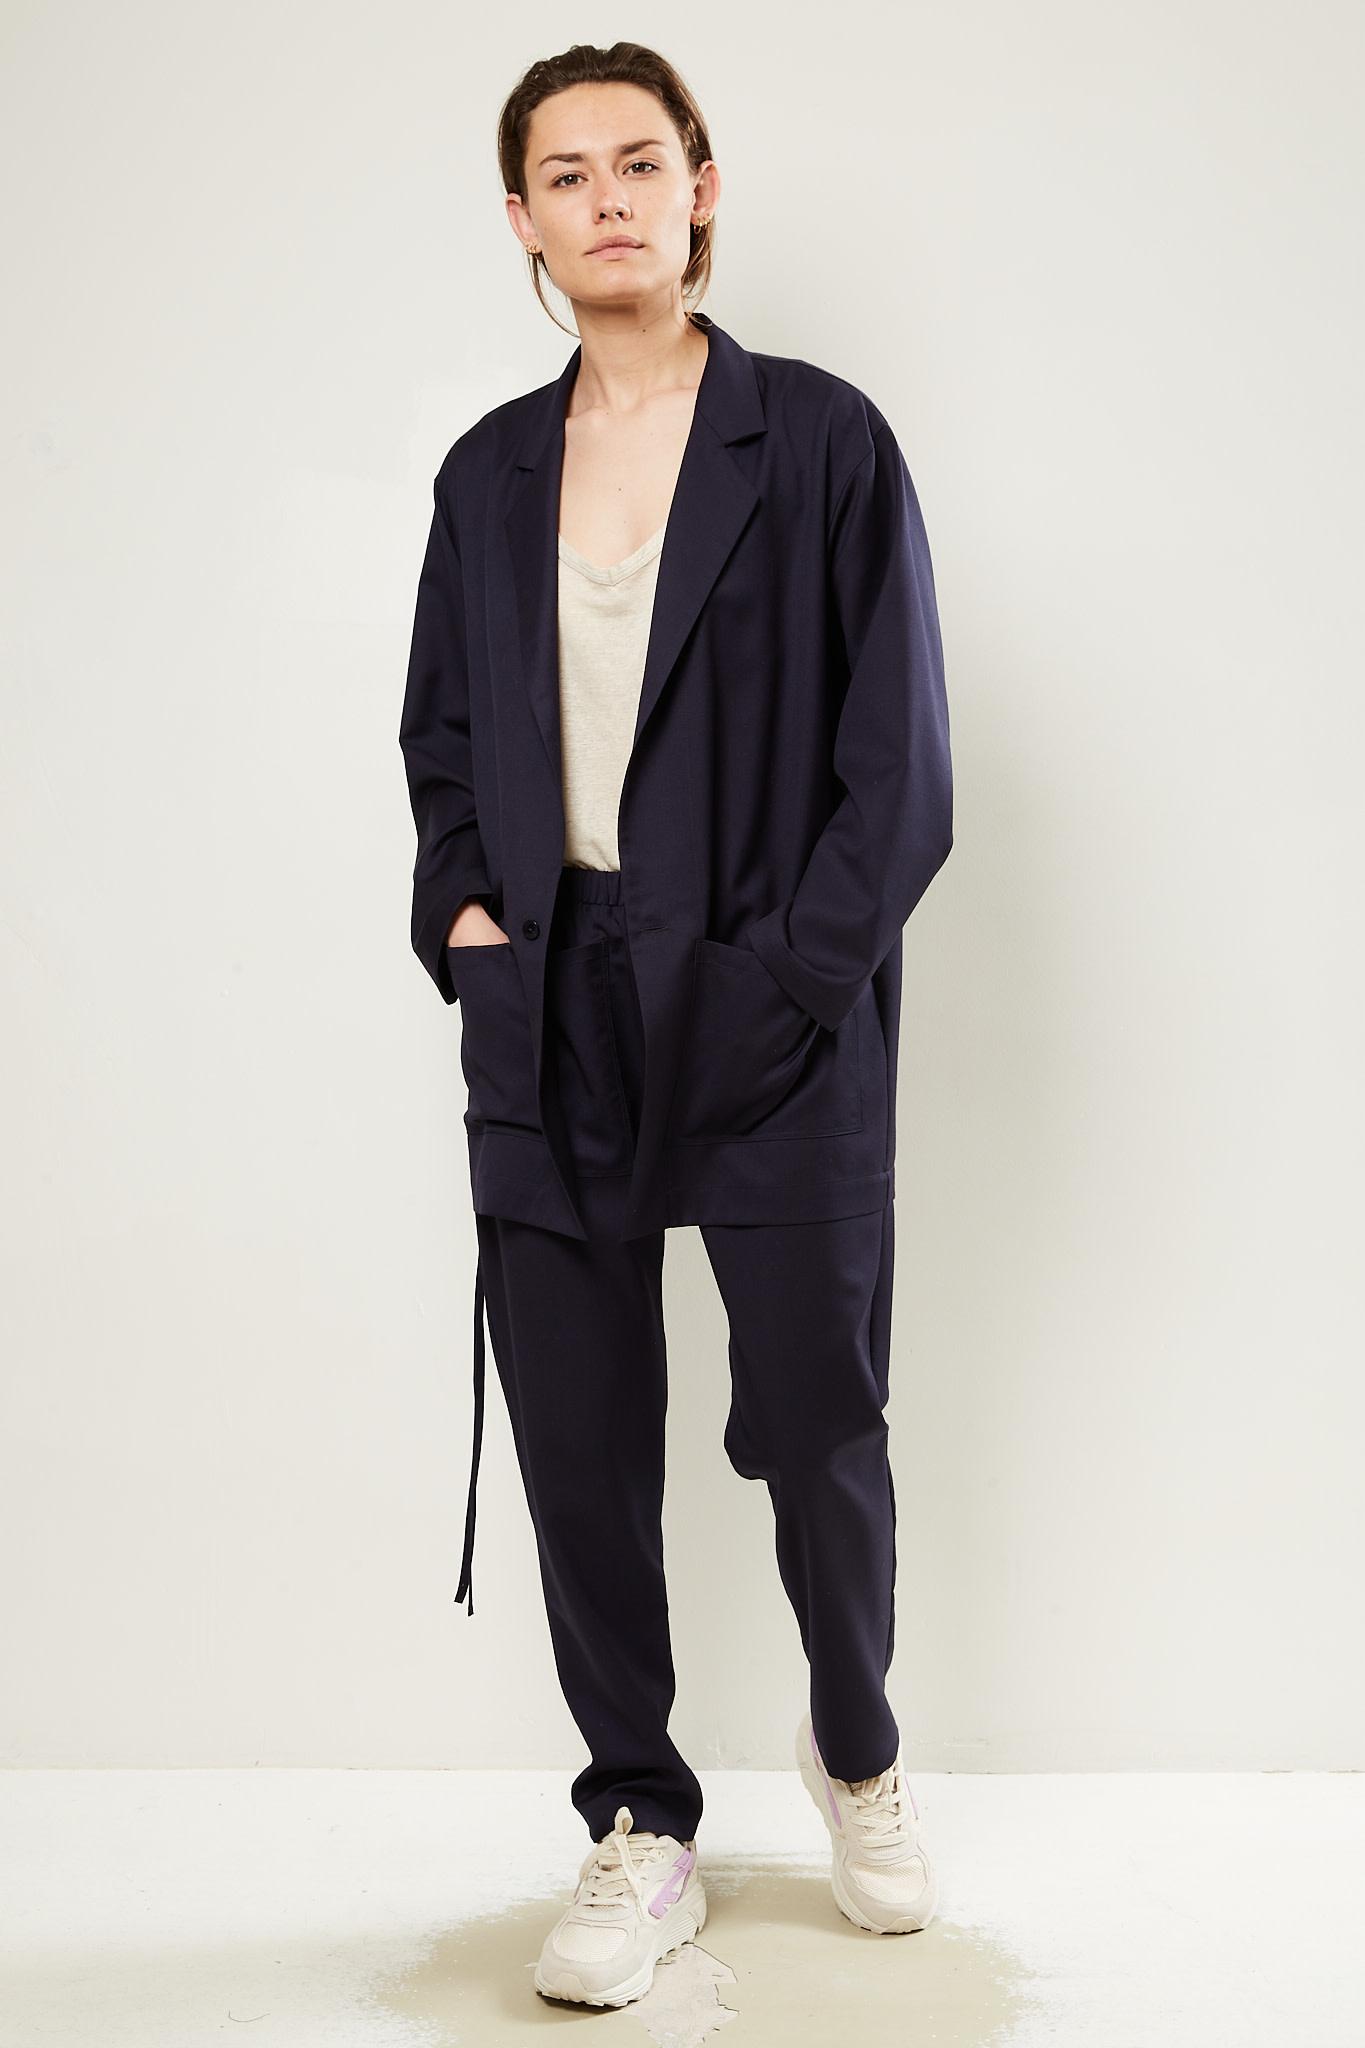 Monique van Heist - Pocky cool wool pants